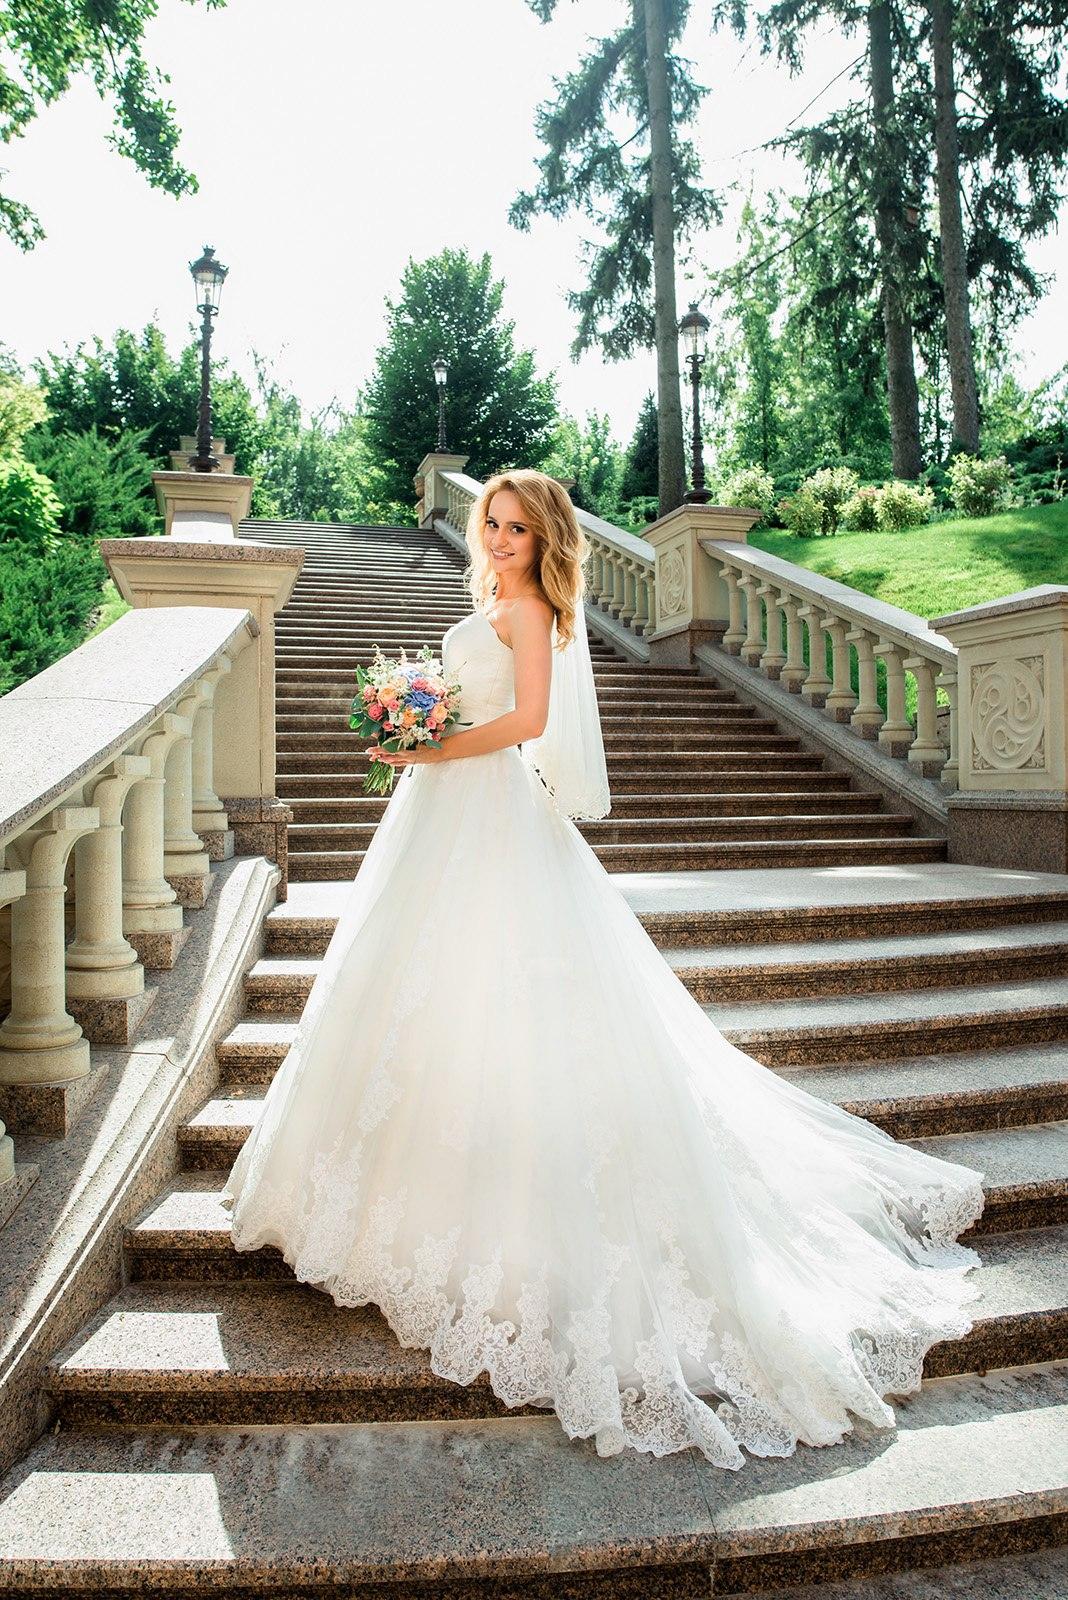 zdkkYJSTnIU - 10 правил спокойной невесты